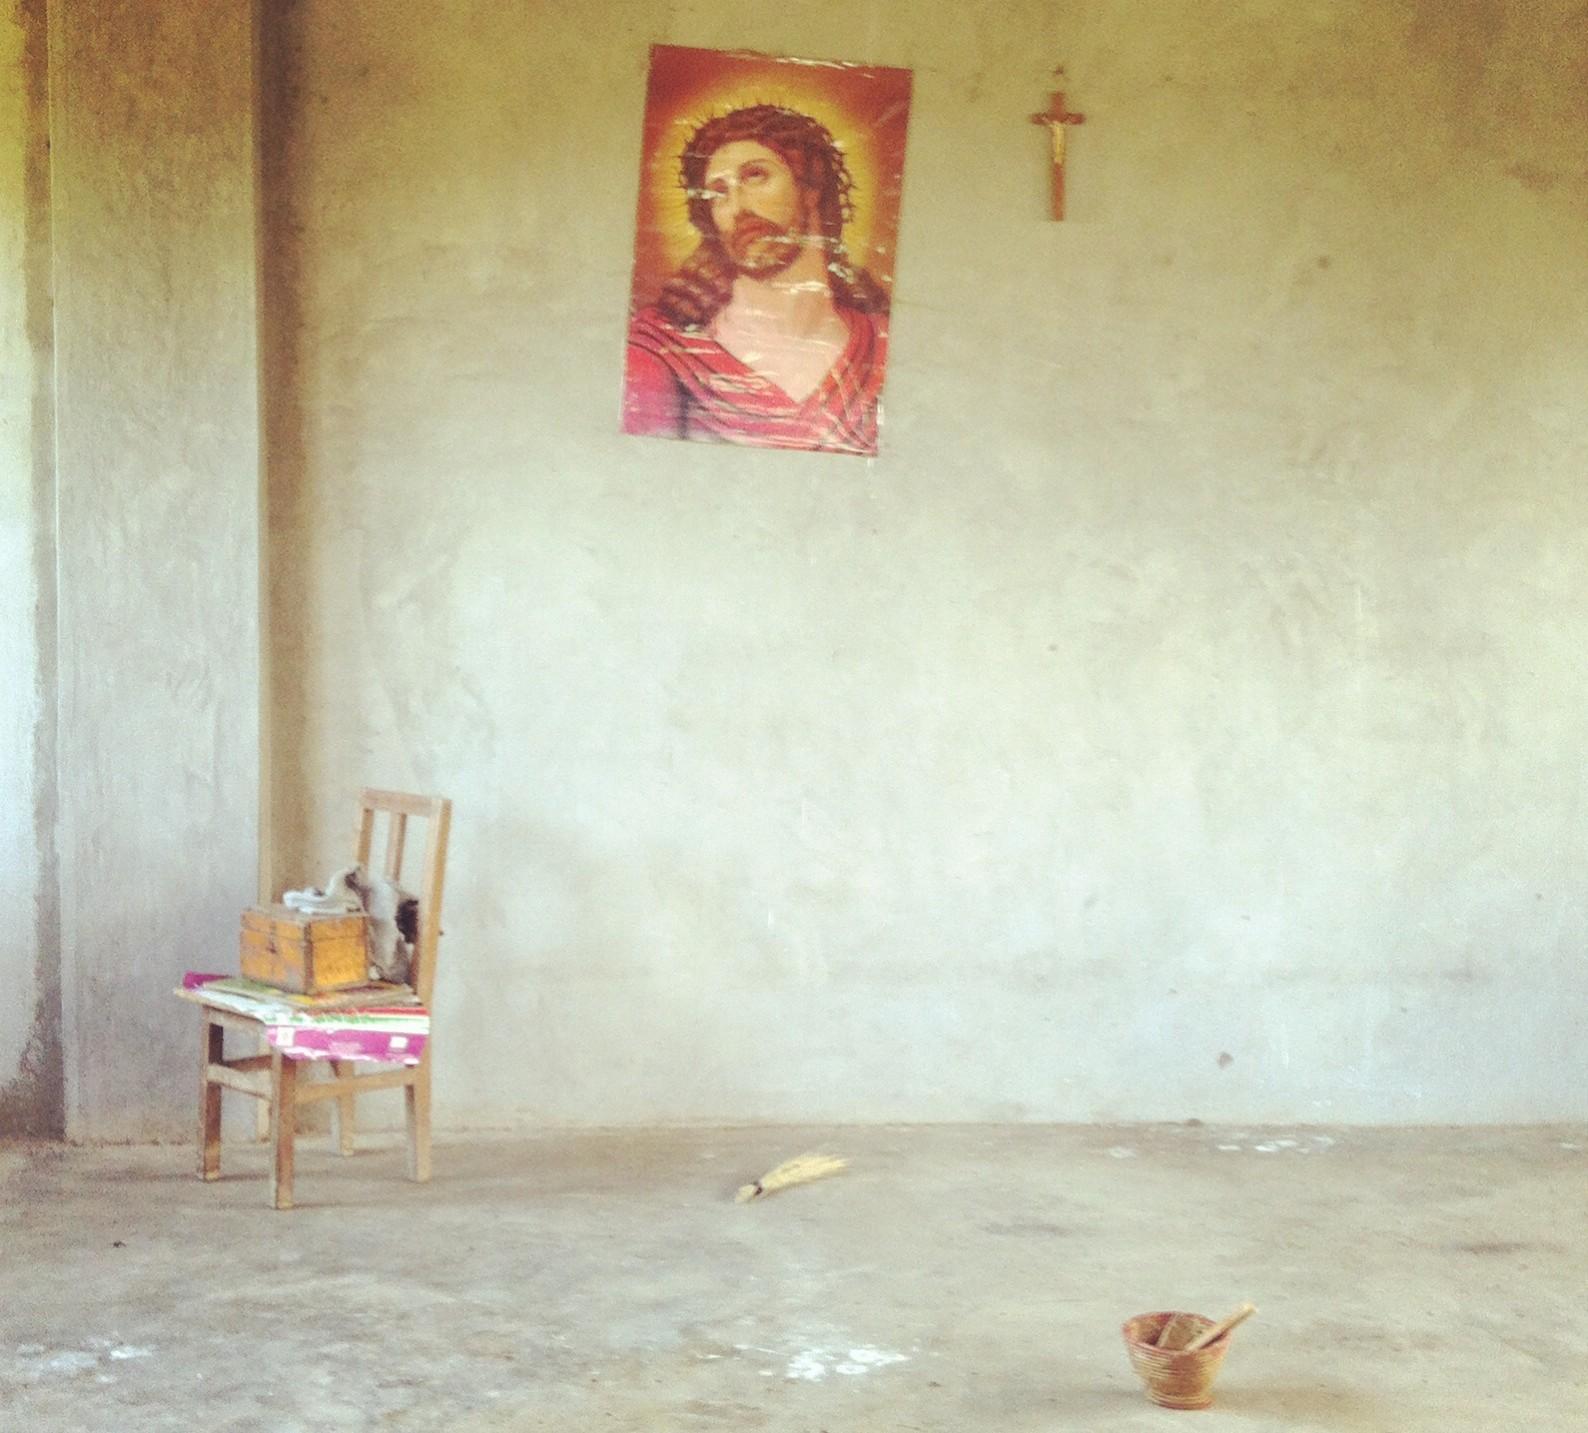 """Artikli autor soovitab vaadata eelmise aasta PÖFFi filmi """"Jumal armastab Ugandat"""", et kristlust Aafrikas paremini mõista. Foto: erakogu"""